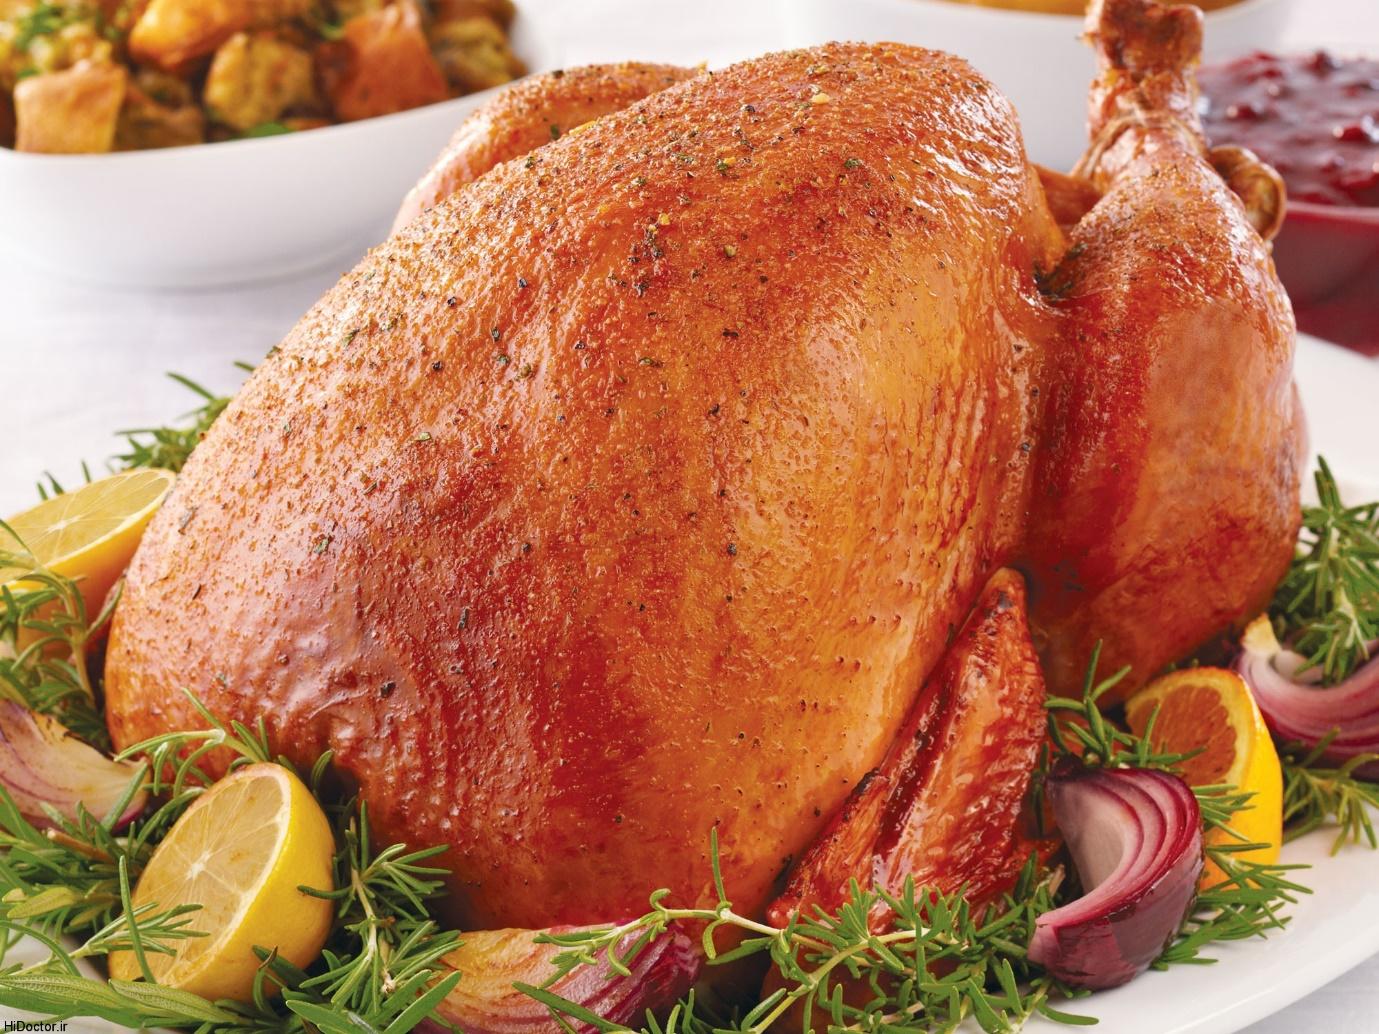 گوشت بوقلمون بهتر است یا مرغ